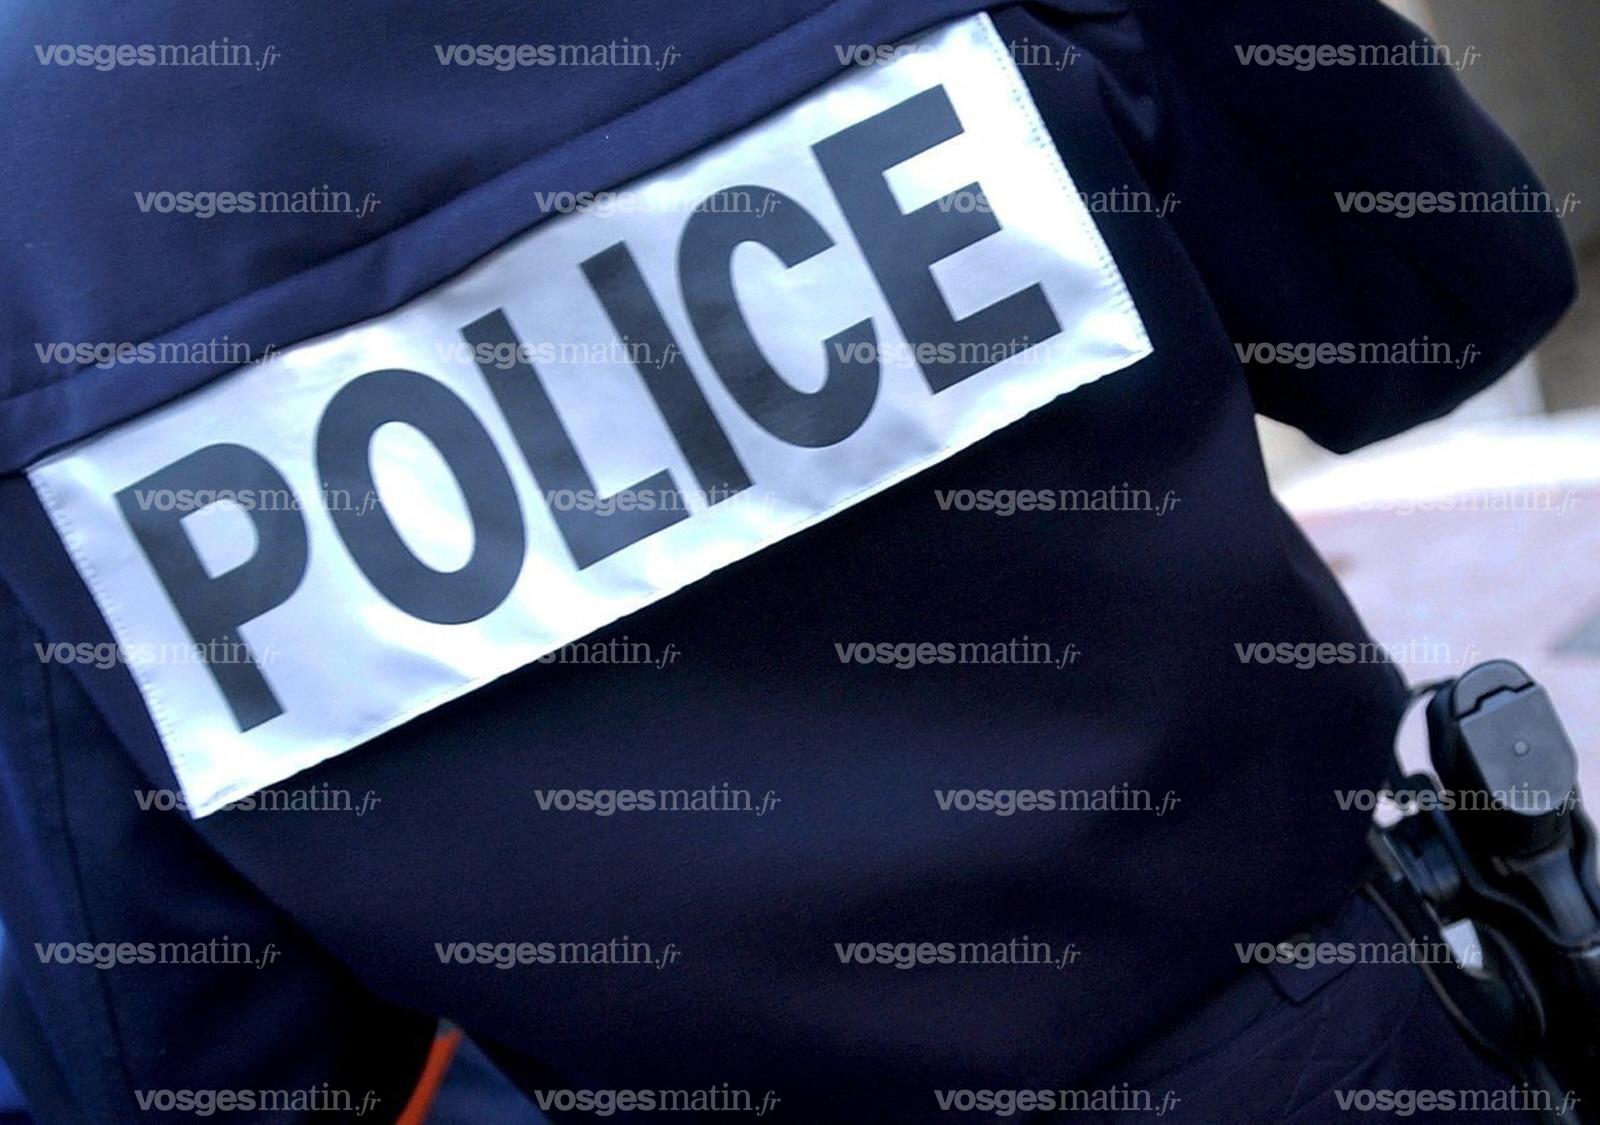 Les policières de New York sous enquête pour des selfies trop sexy